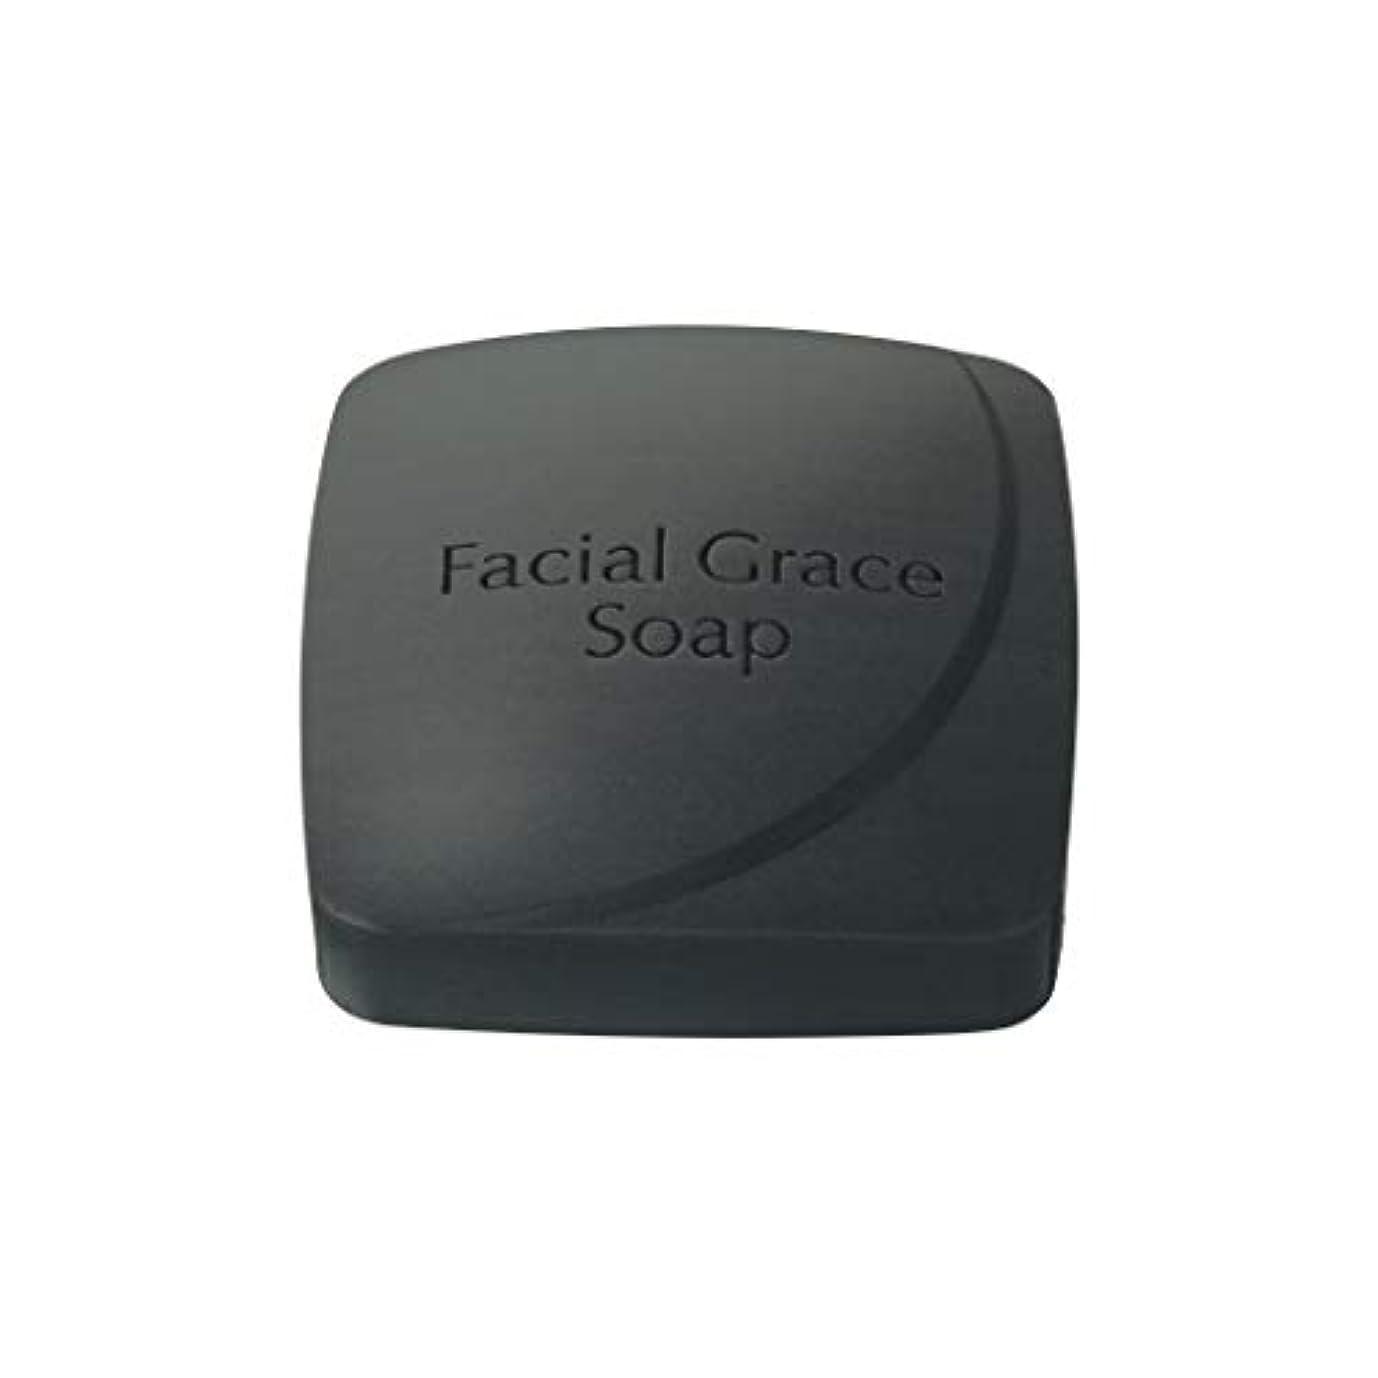 場合冷ややかな期間アテニア フェイシャルグレイスソープ 石鹸 洗顔 エイジングケア 100g